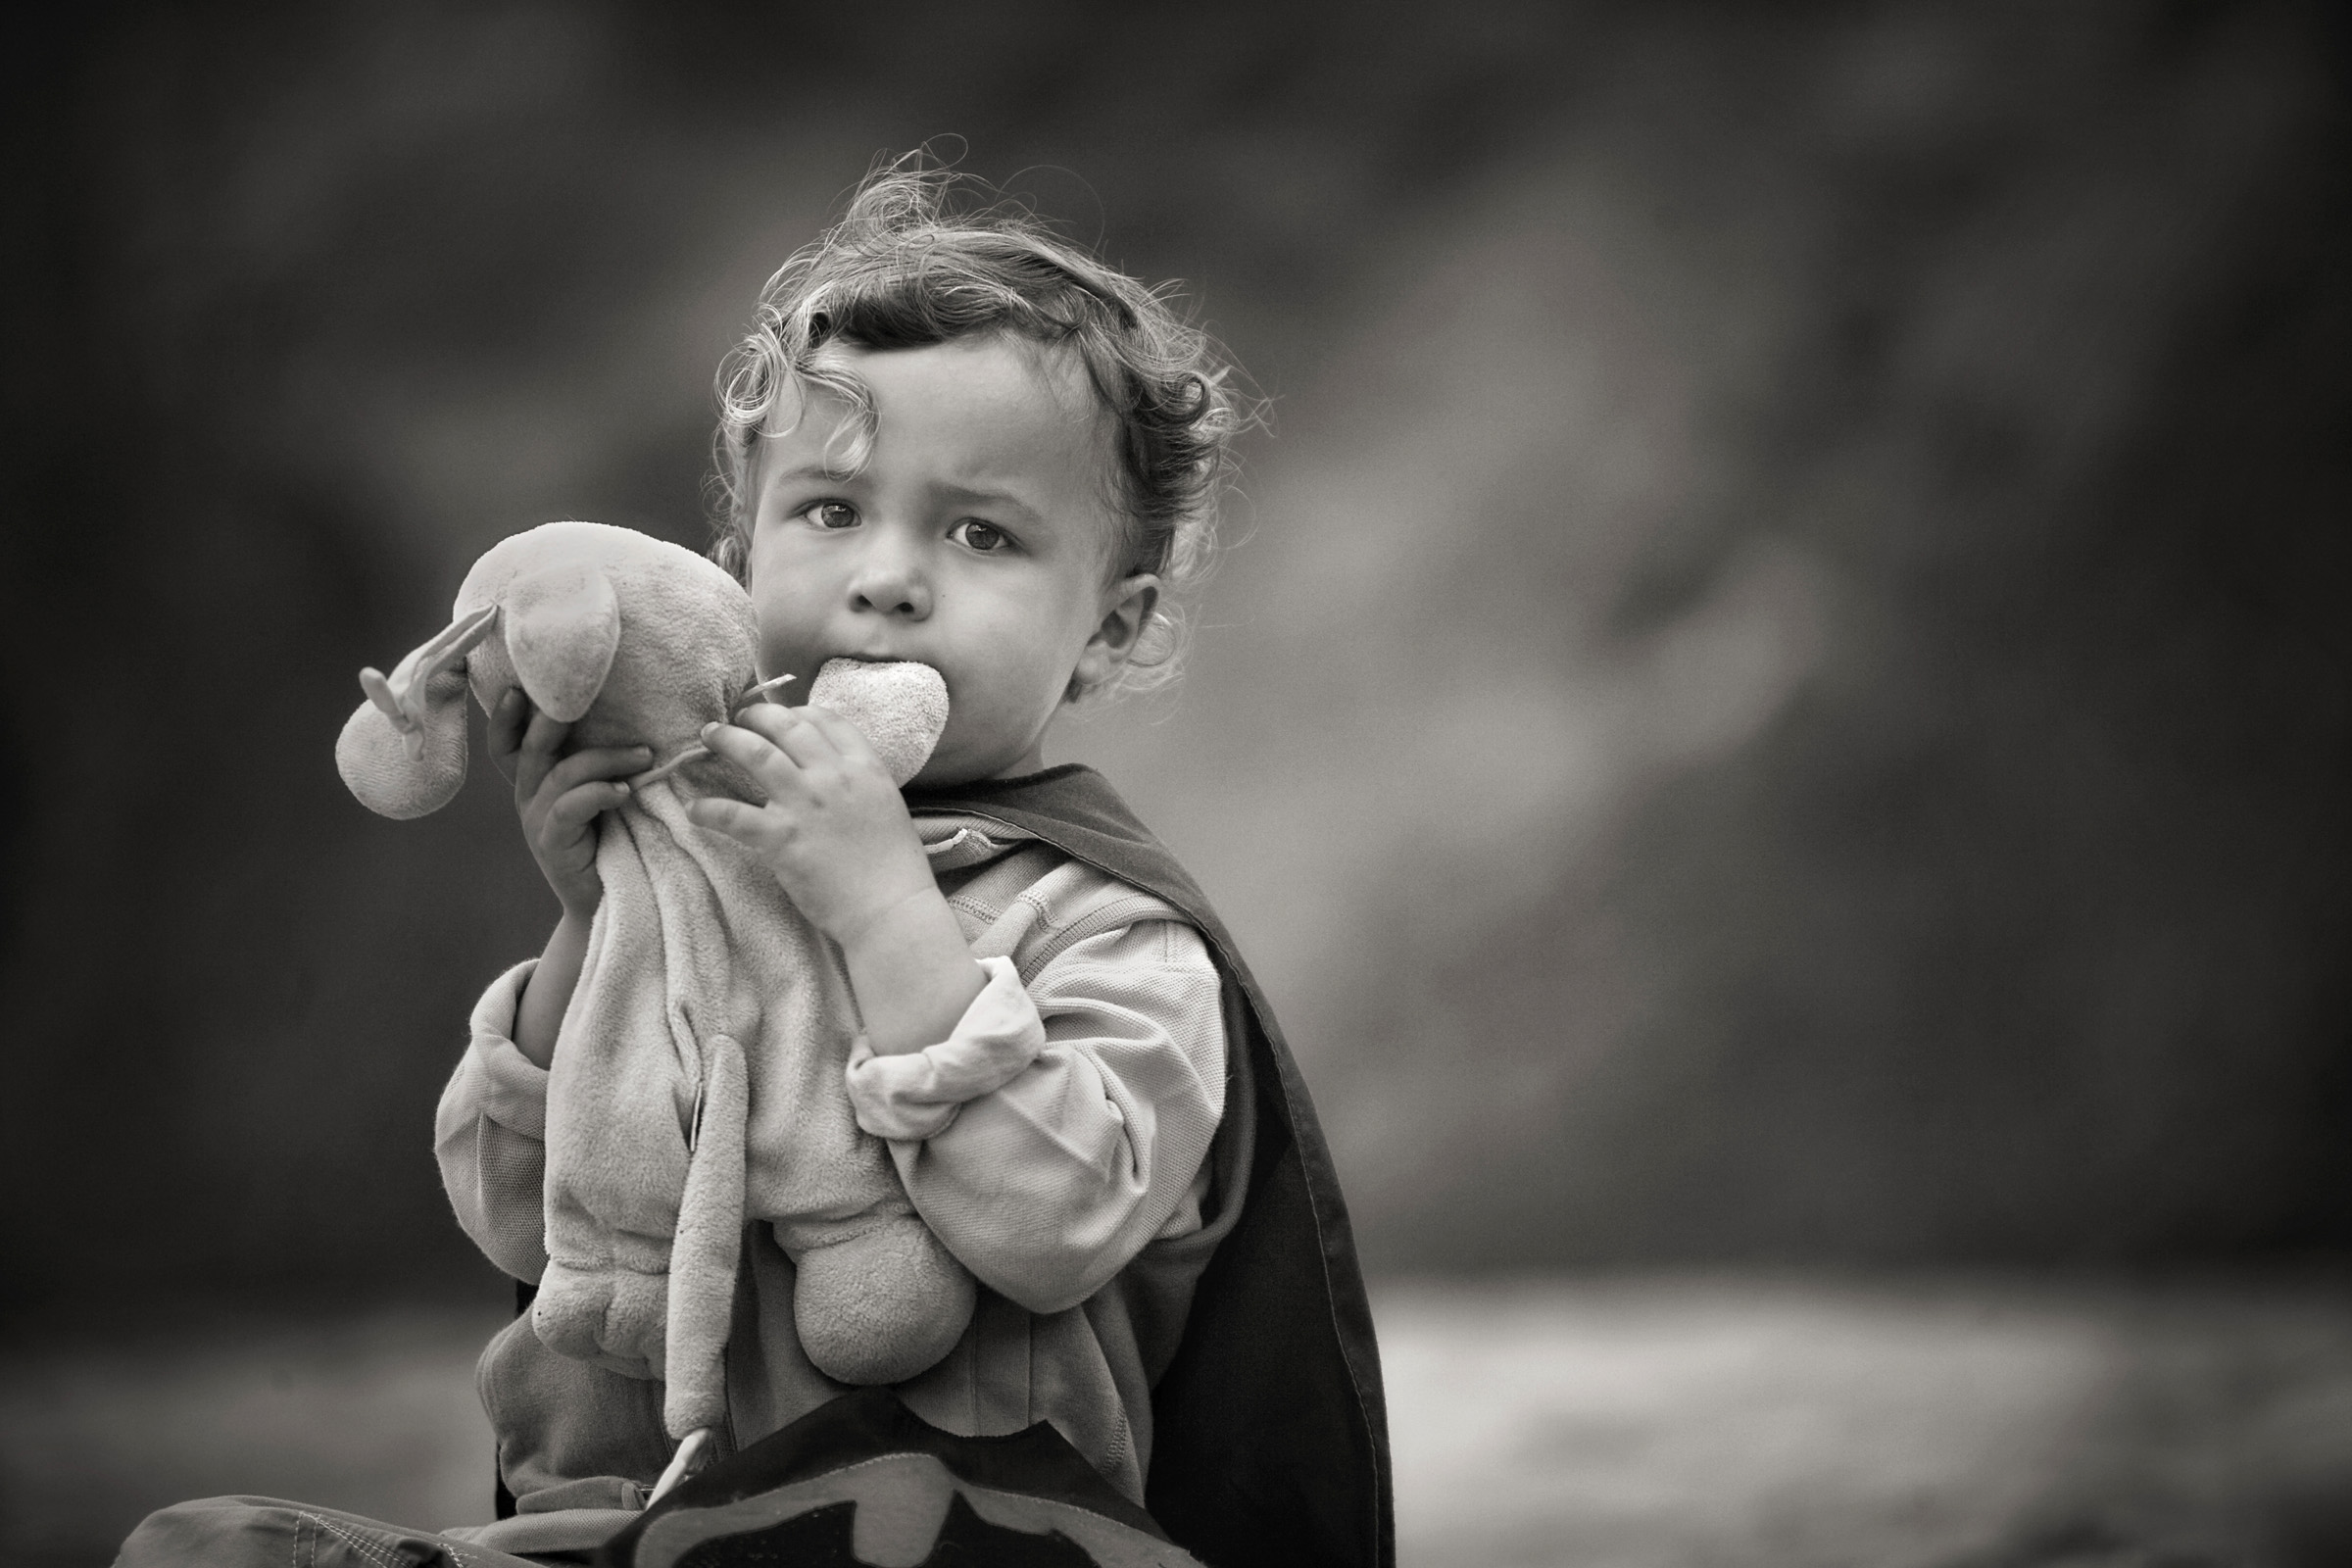 Babies-07.jpg